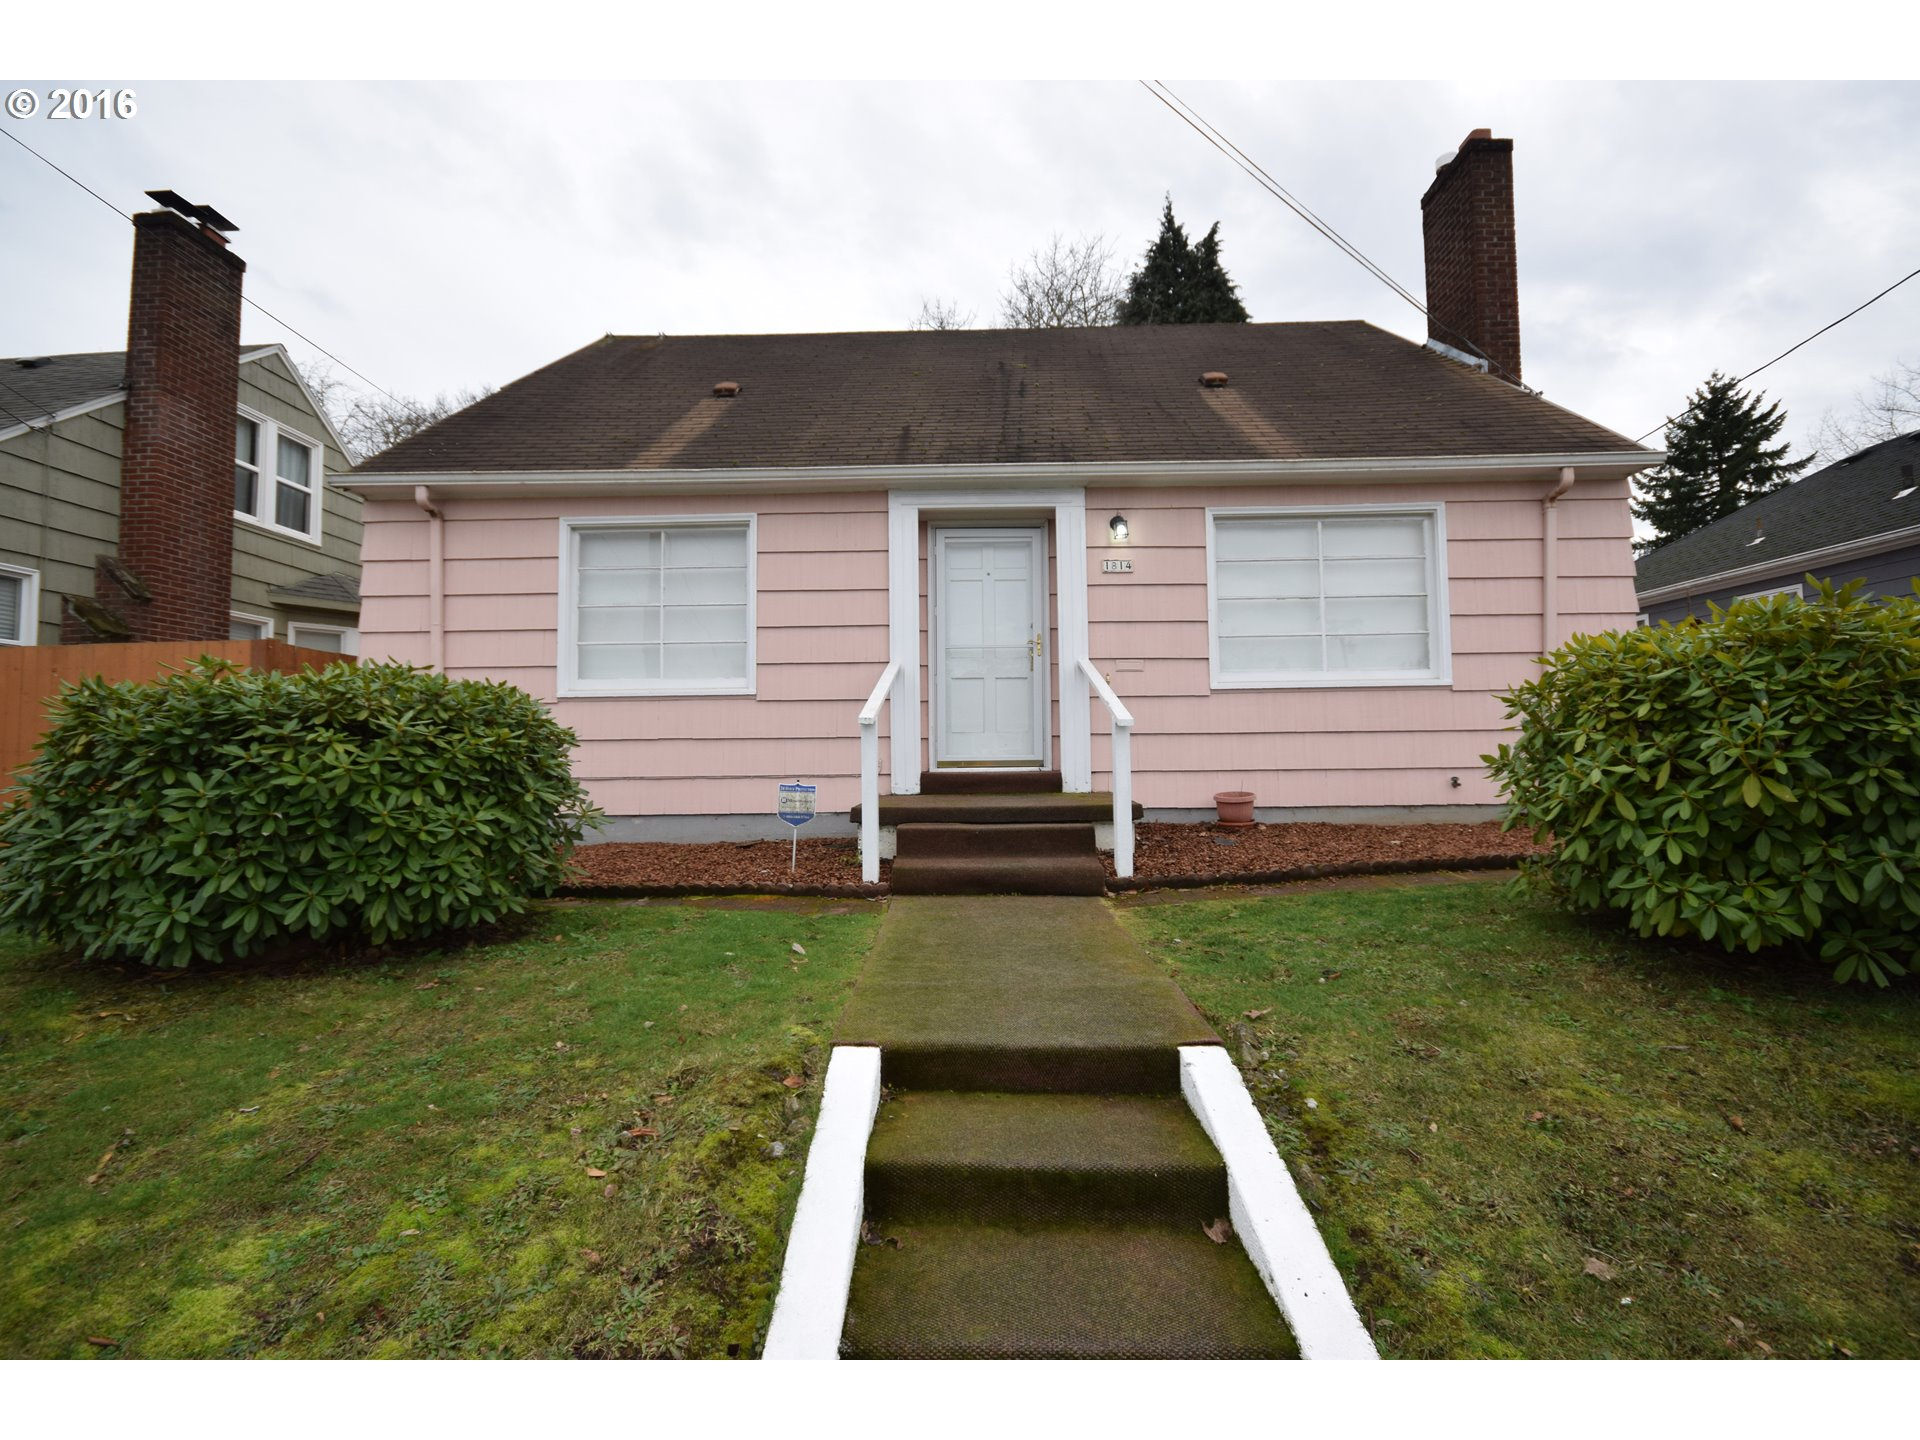 1814 NE DEKUM ST, Portland OR 97211